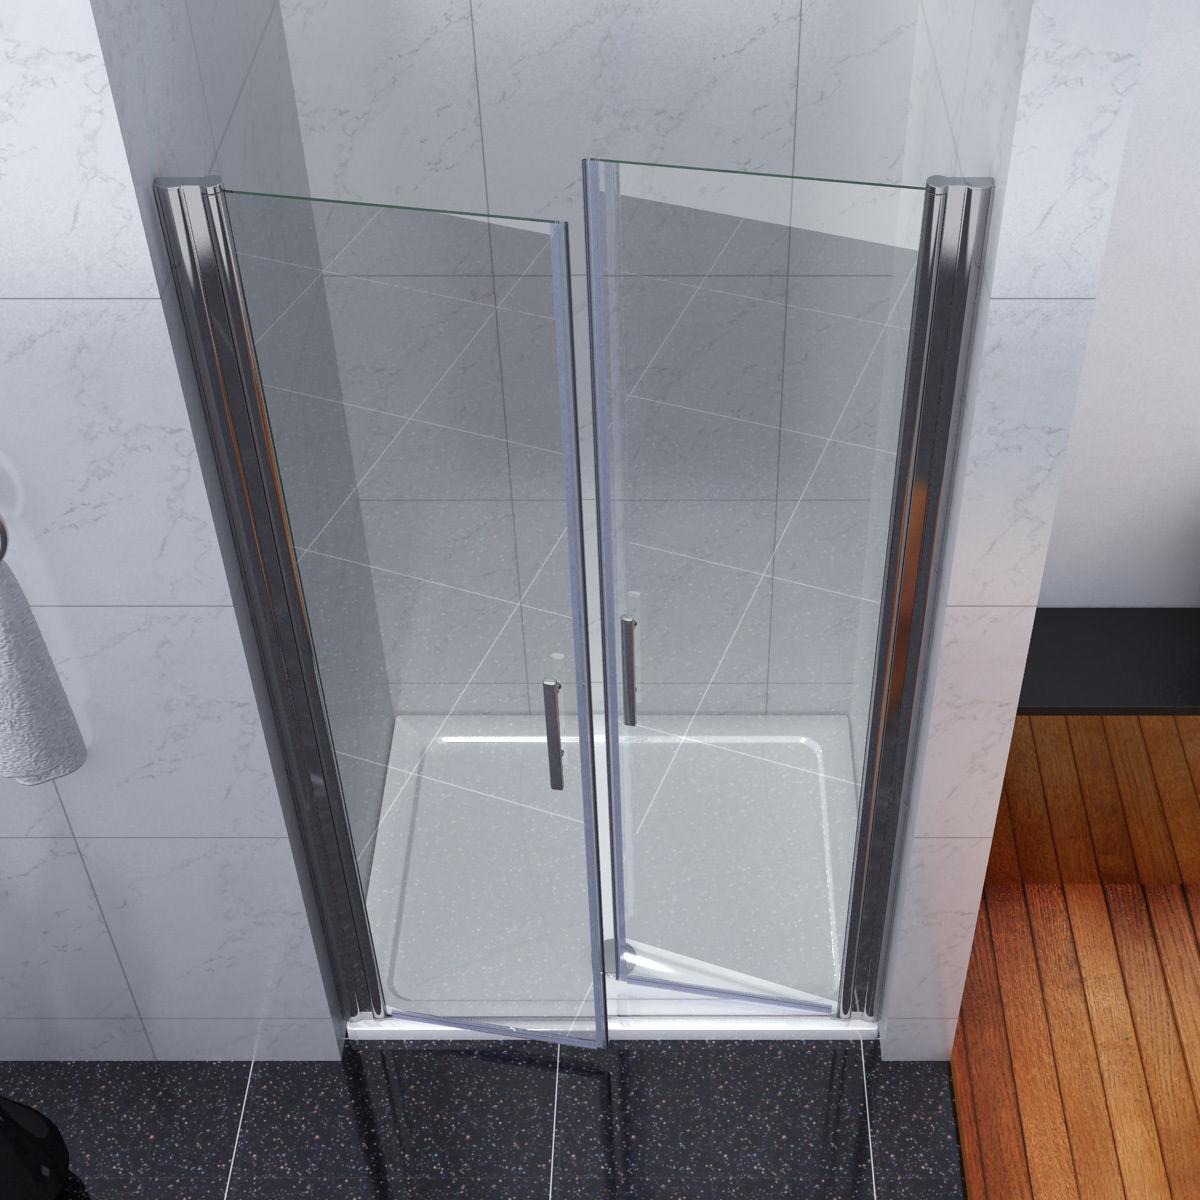 Bathroom double pivot shower door enclosure 6mm glass for 180 degree swing door